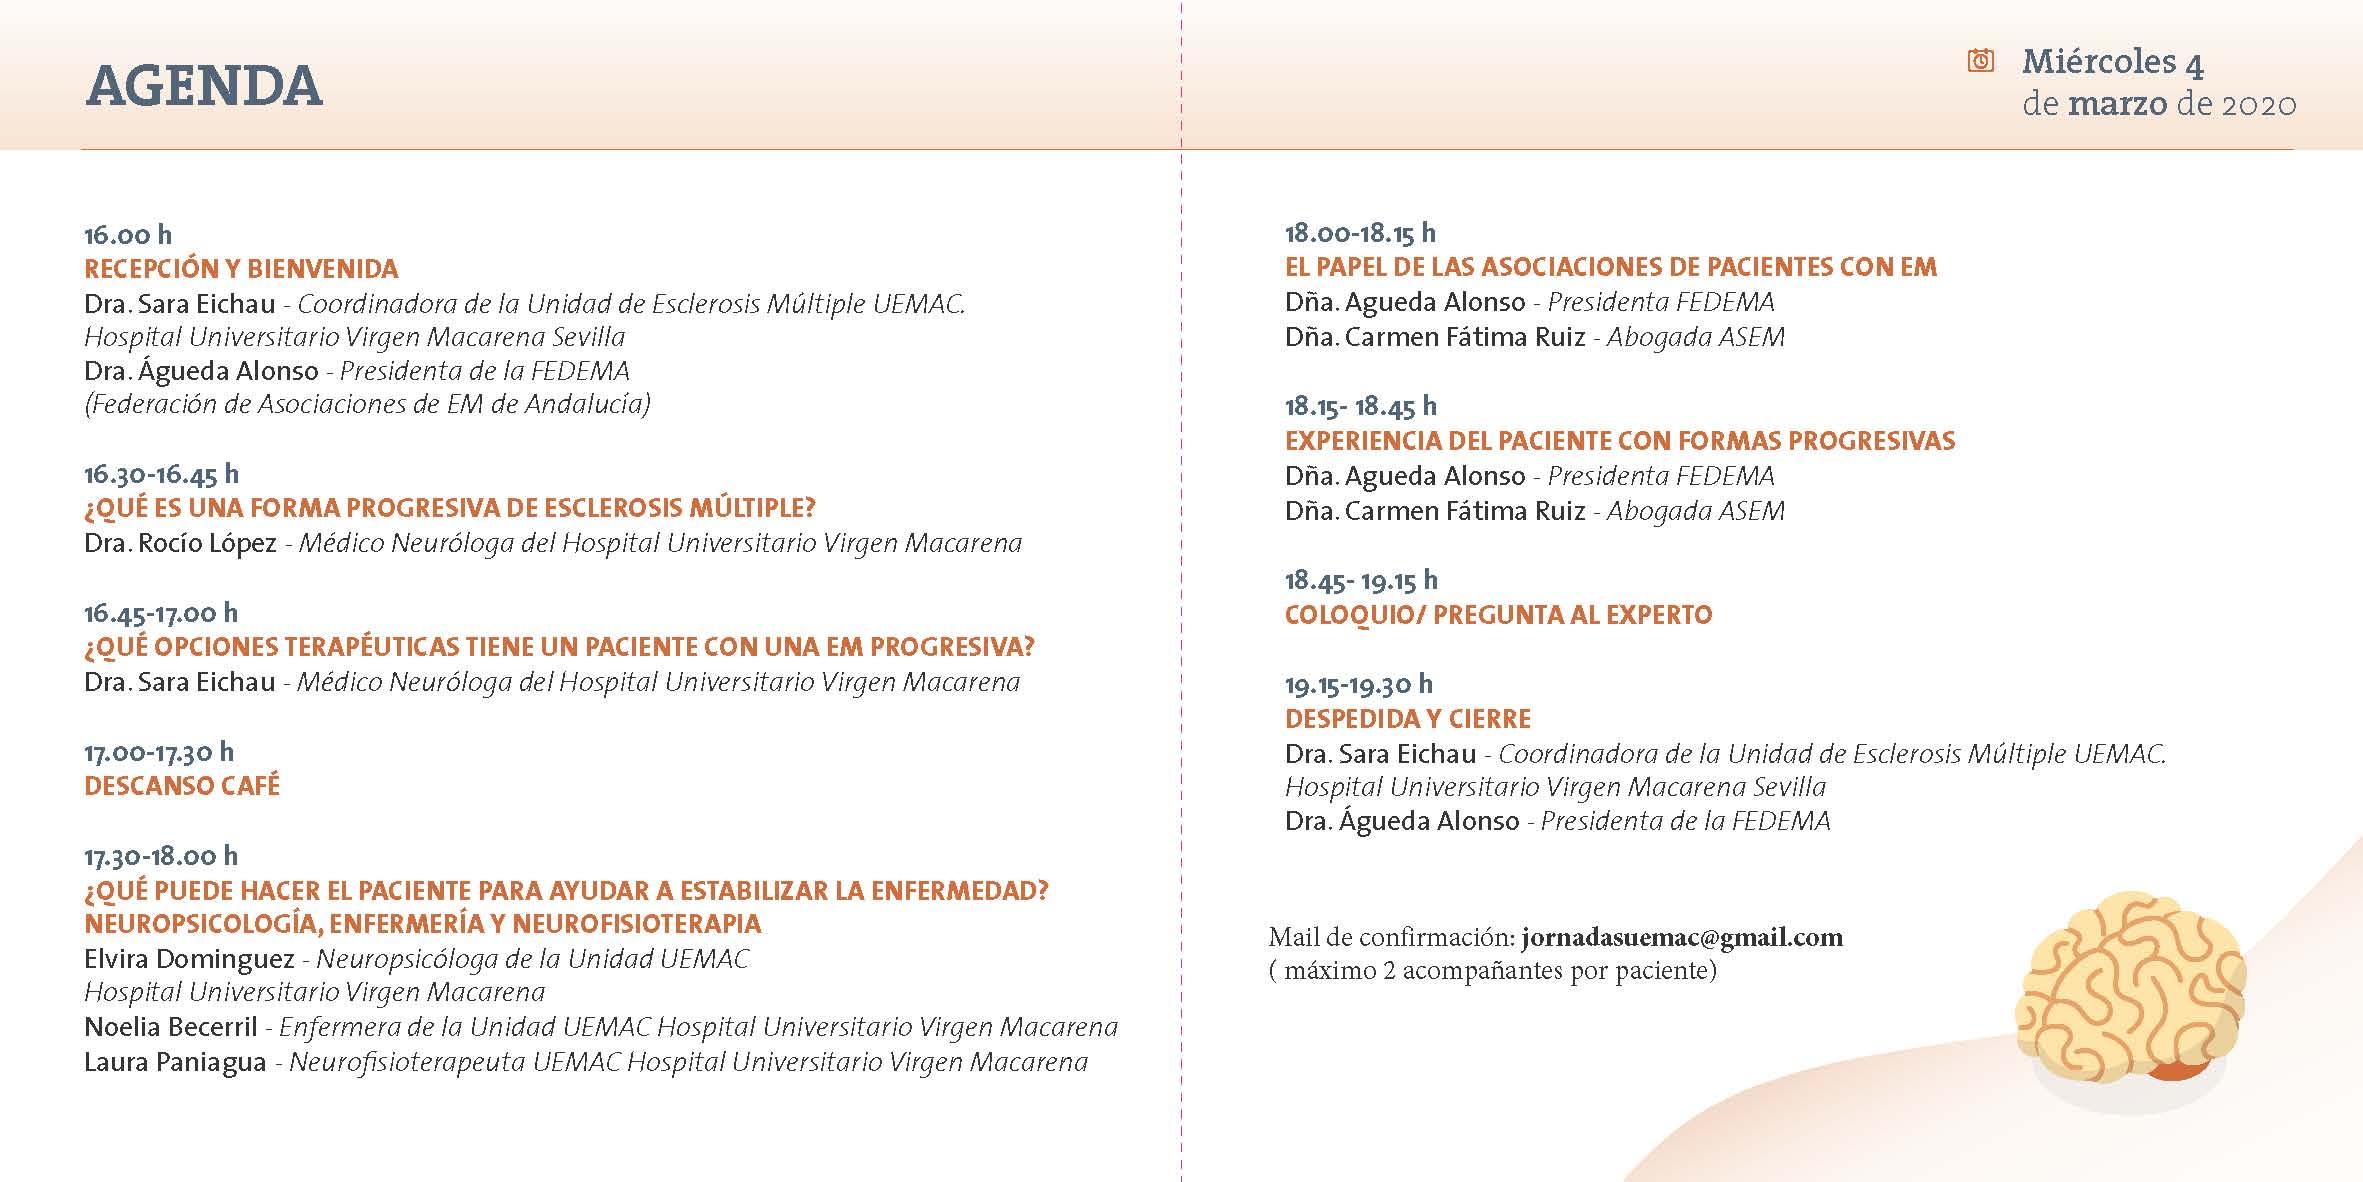 -jornadas-para-pacientes-con-em_v2 (1)_pagina_2.jpg